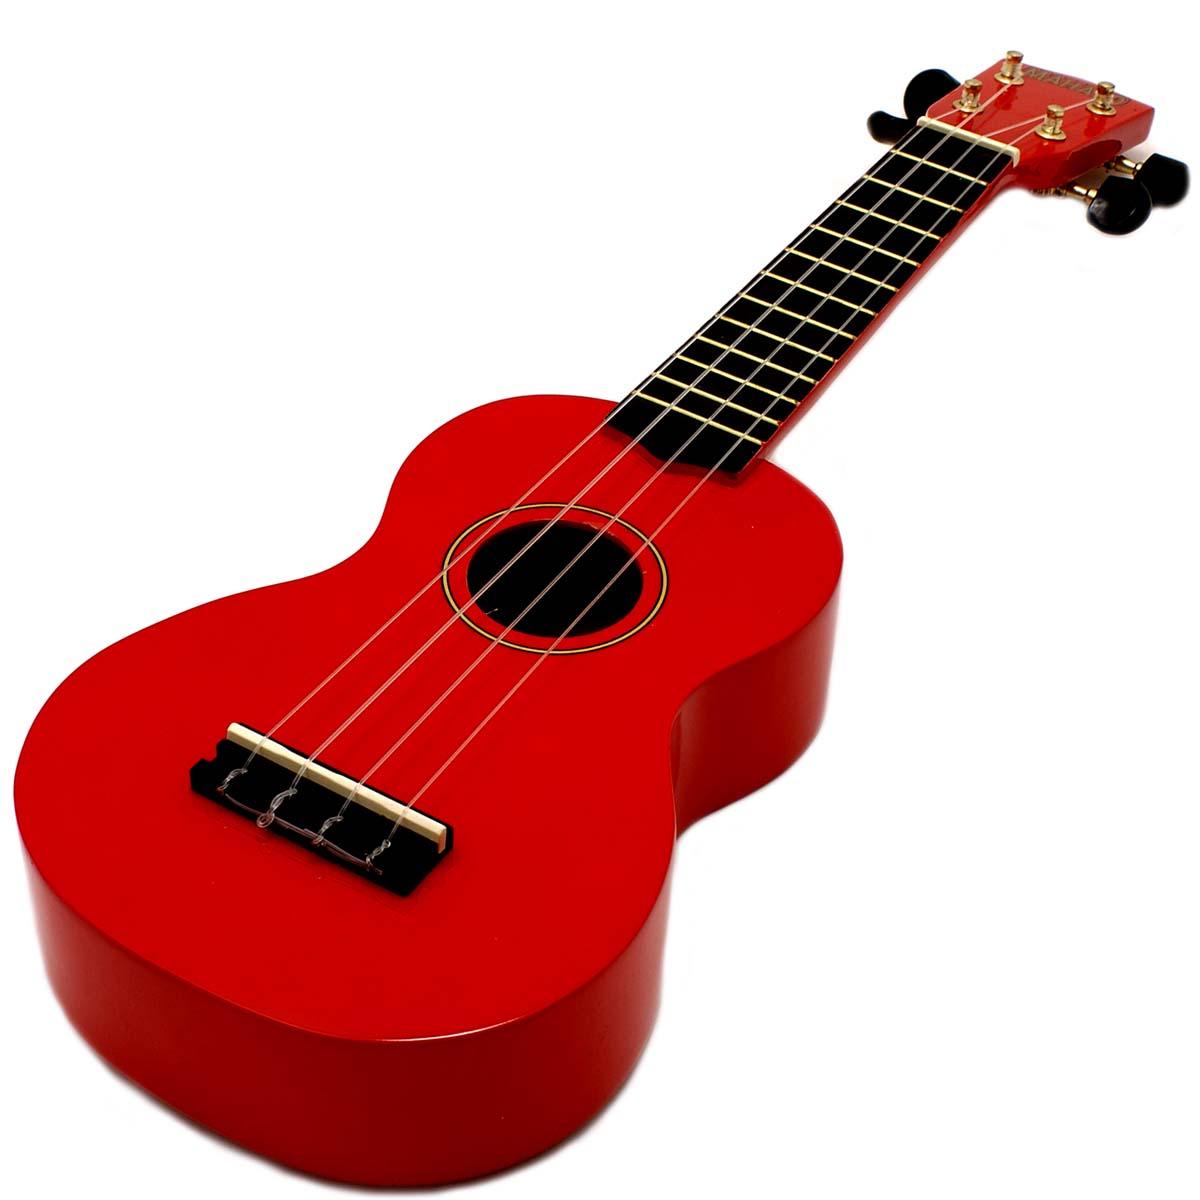 ukulele clipart-ukulele clipart-17